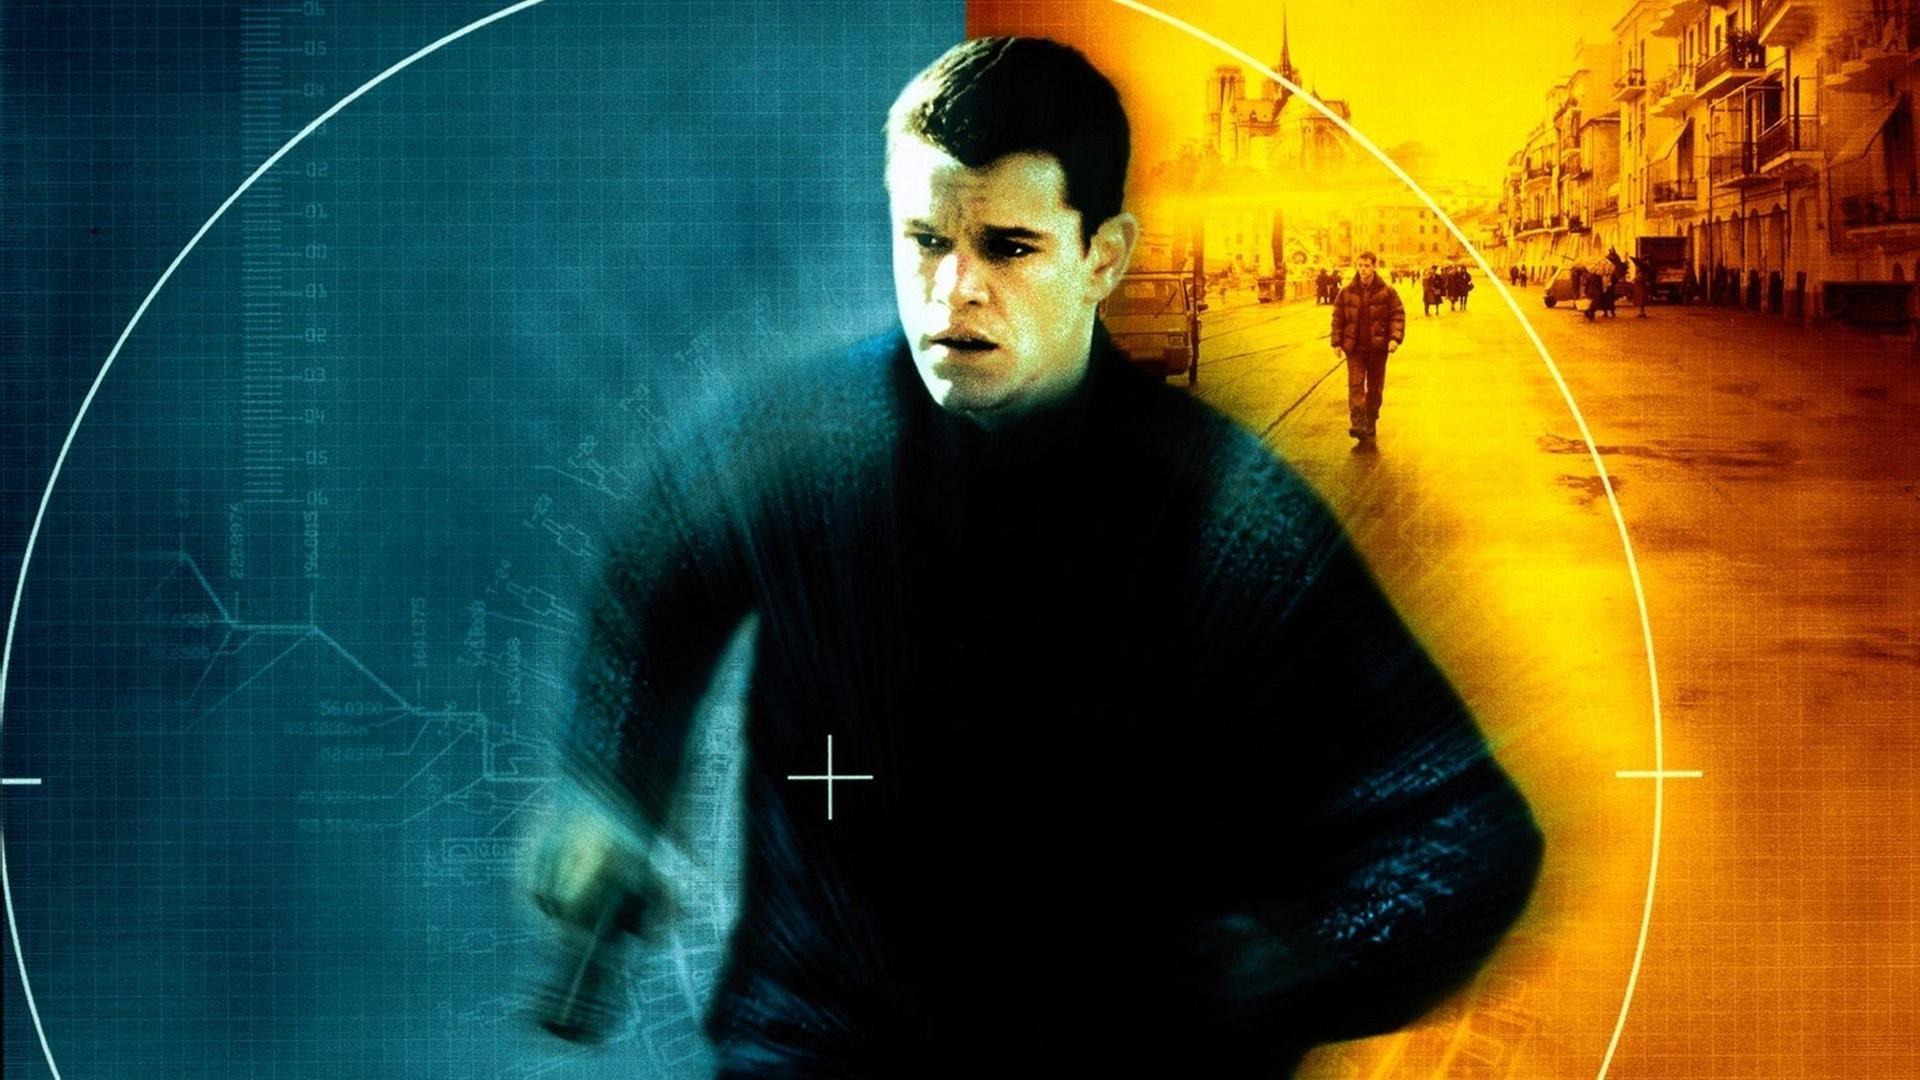 Beste 'Bourne'-film? Moeilijk kiezen...